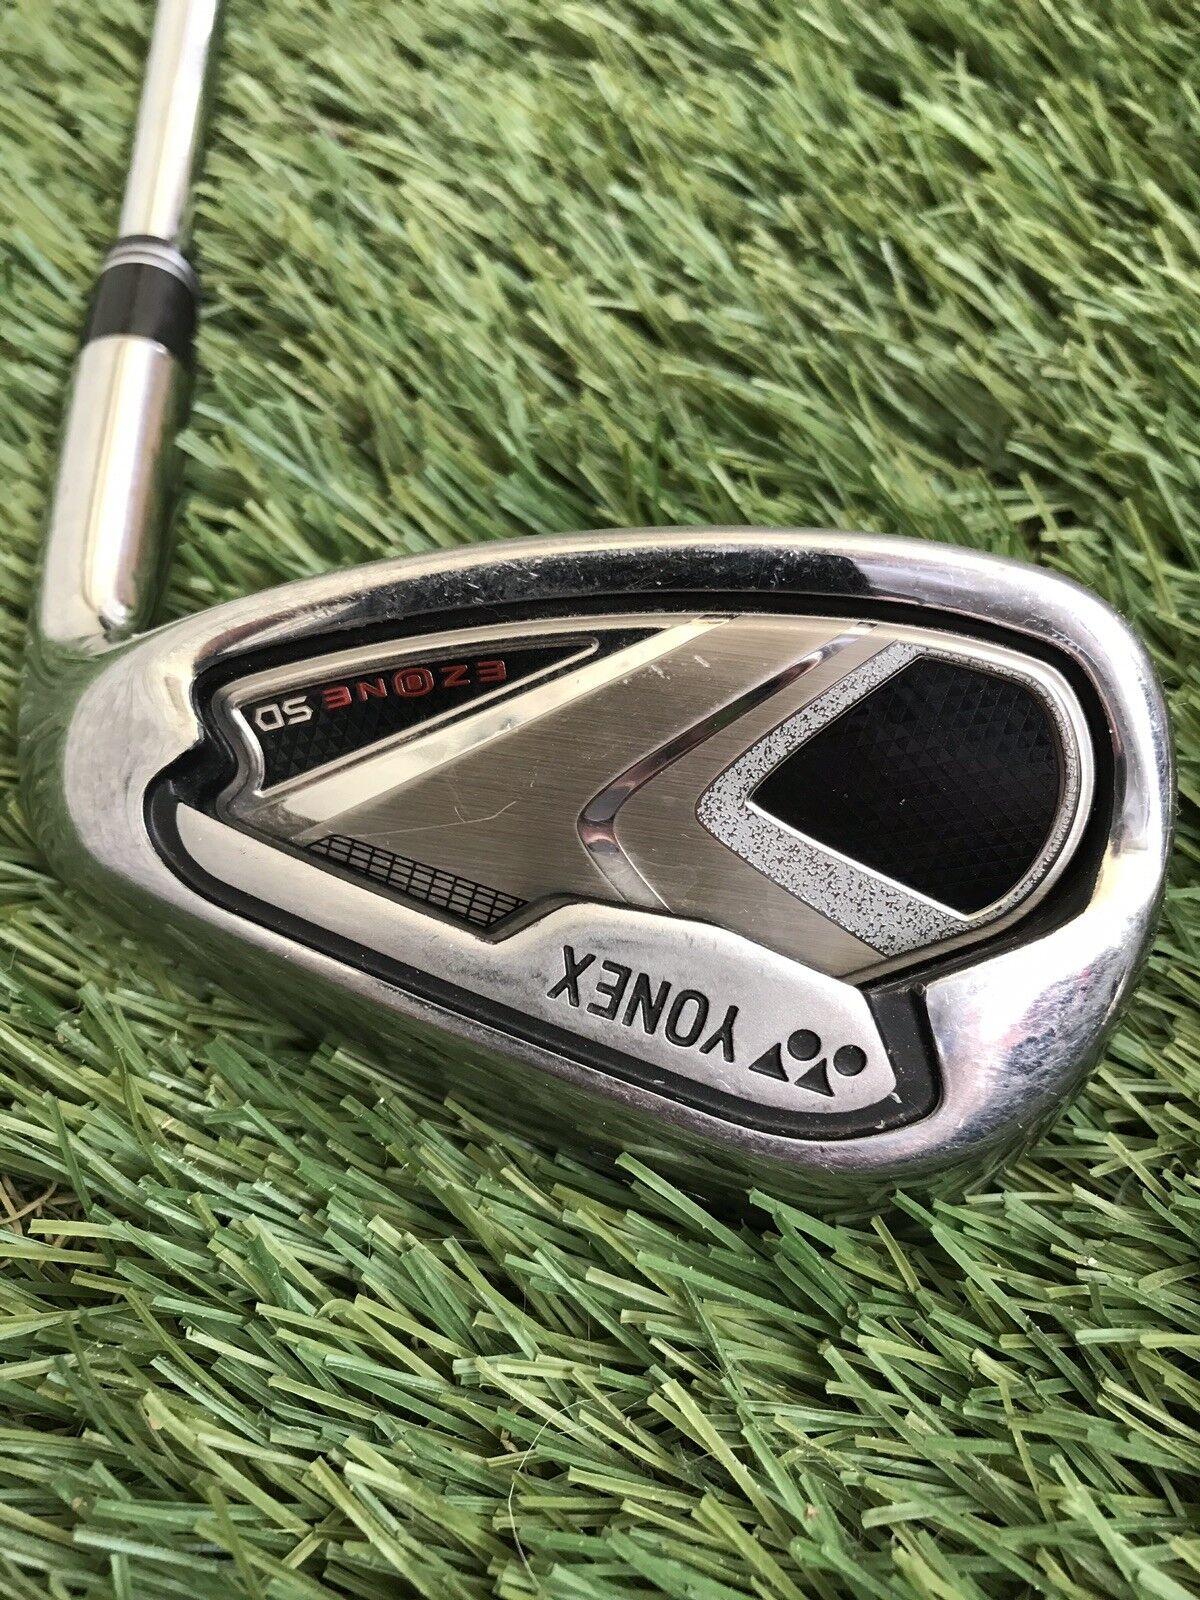 Yonex  Ezone pequeño diámetro Arena Cuña única Weave 35.5  n.s. Pro 950GH Eje de acero rígido Flex Diestros agradable  disfruta ahorrando 30-50% de descuento